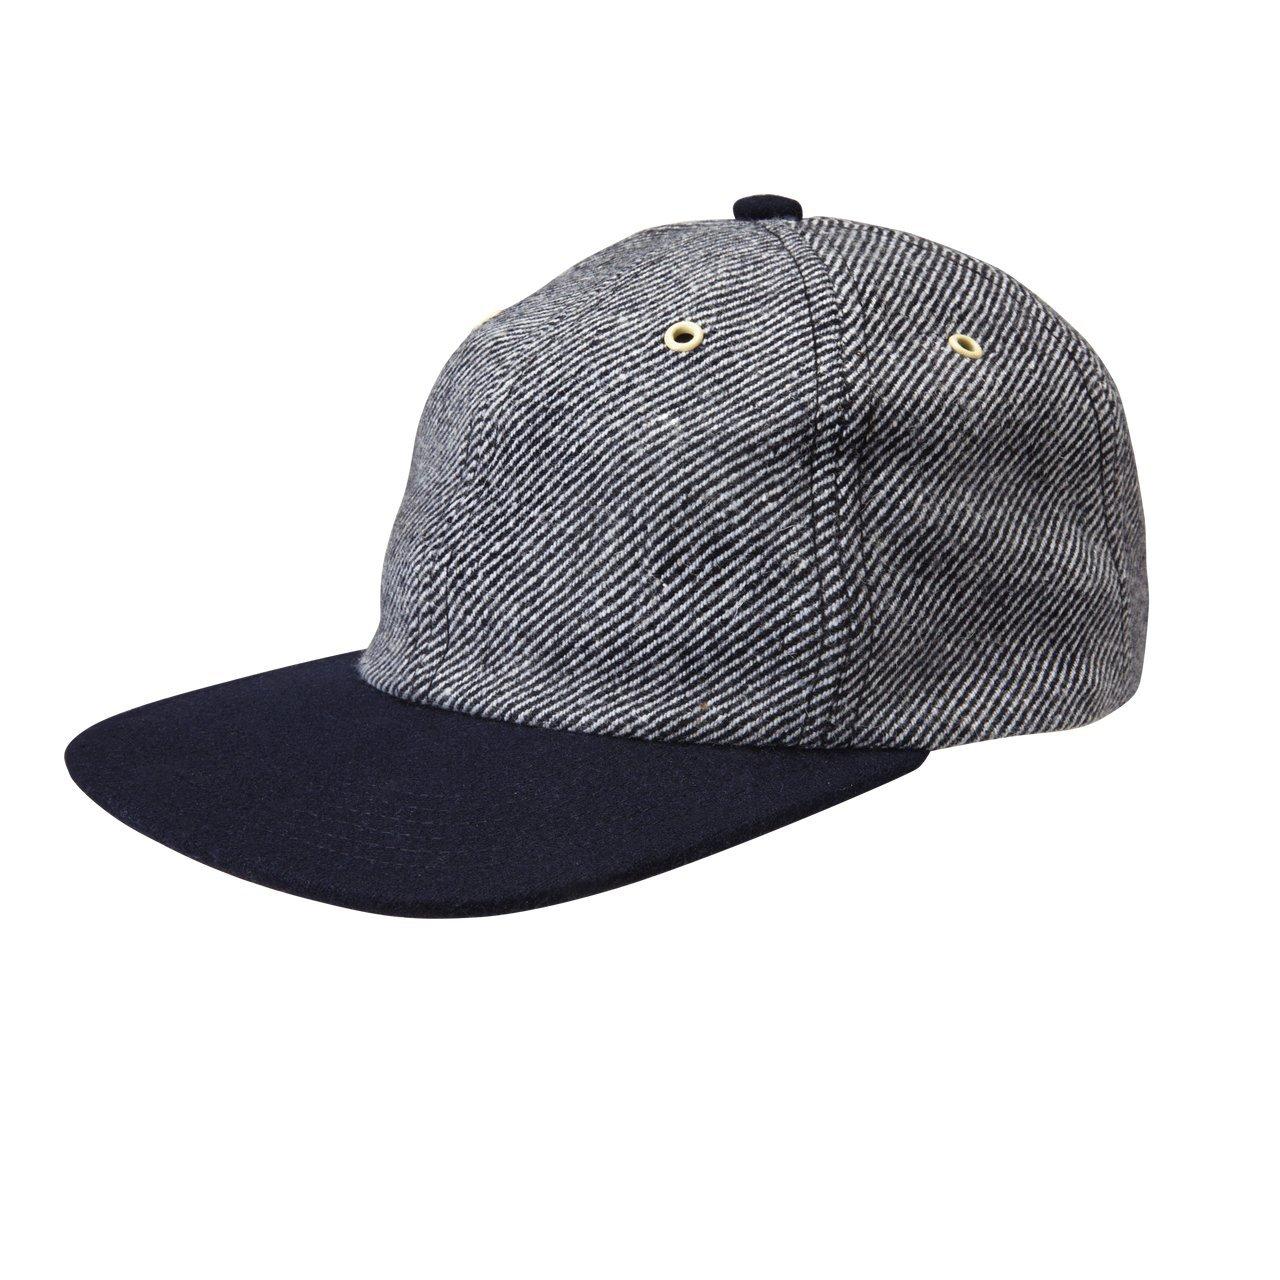 Gents Premium Taylor Soft Crown Twill Stripe Flat Brim Baseball Cap ... 737d5a143bf